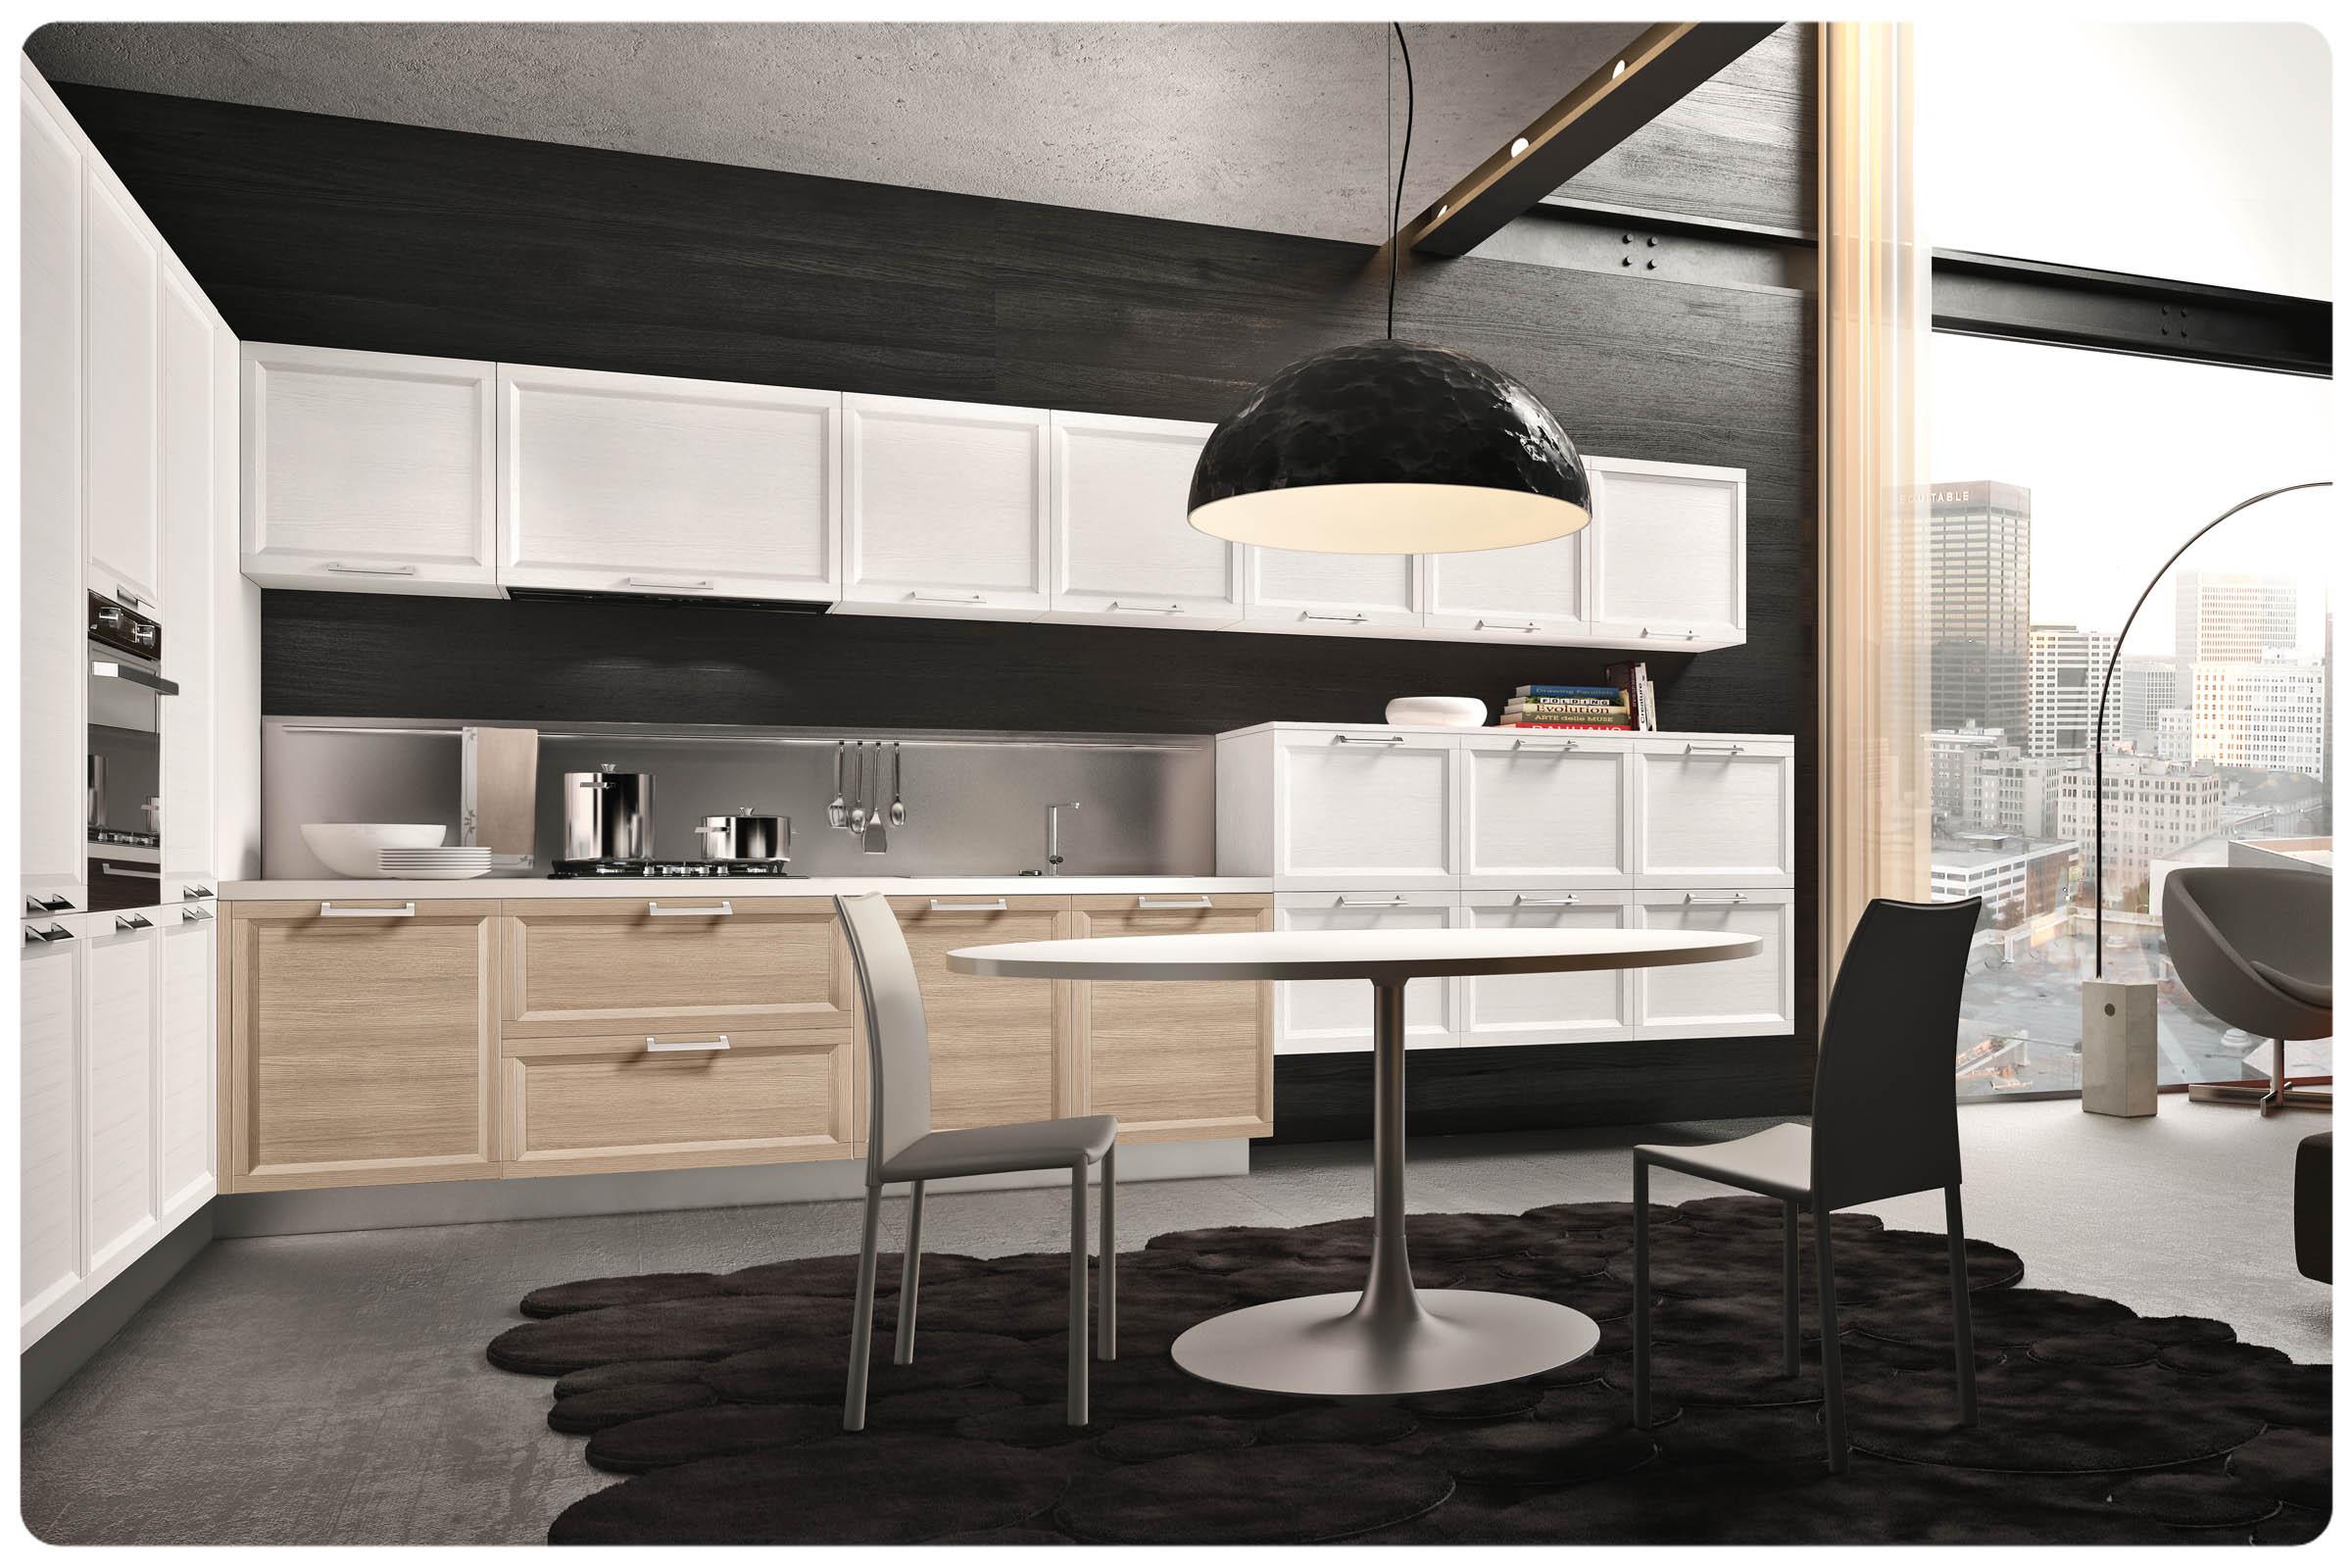 Devrijeminnerij idee di architettura d 39 interni e for Cucine economiche componibili